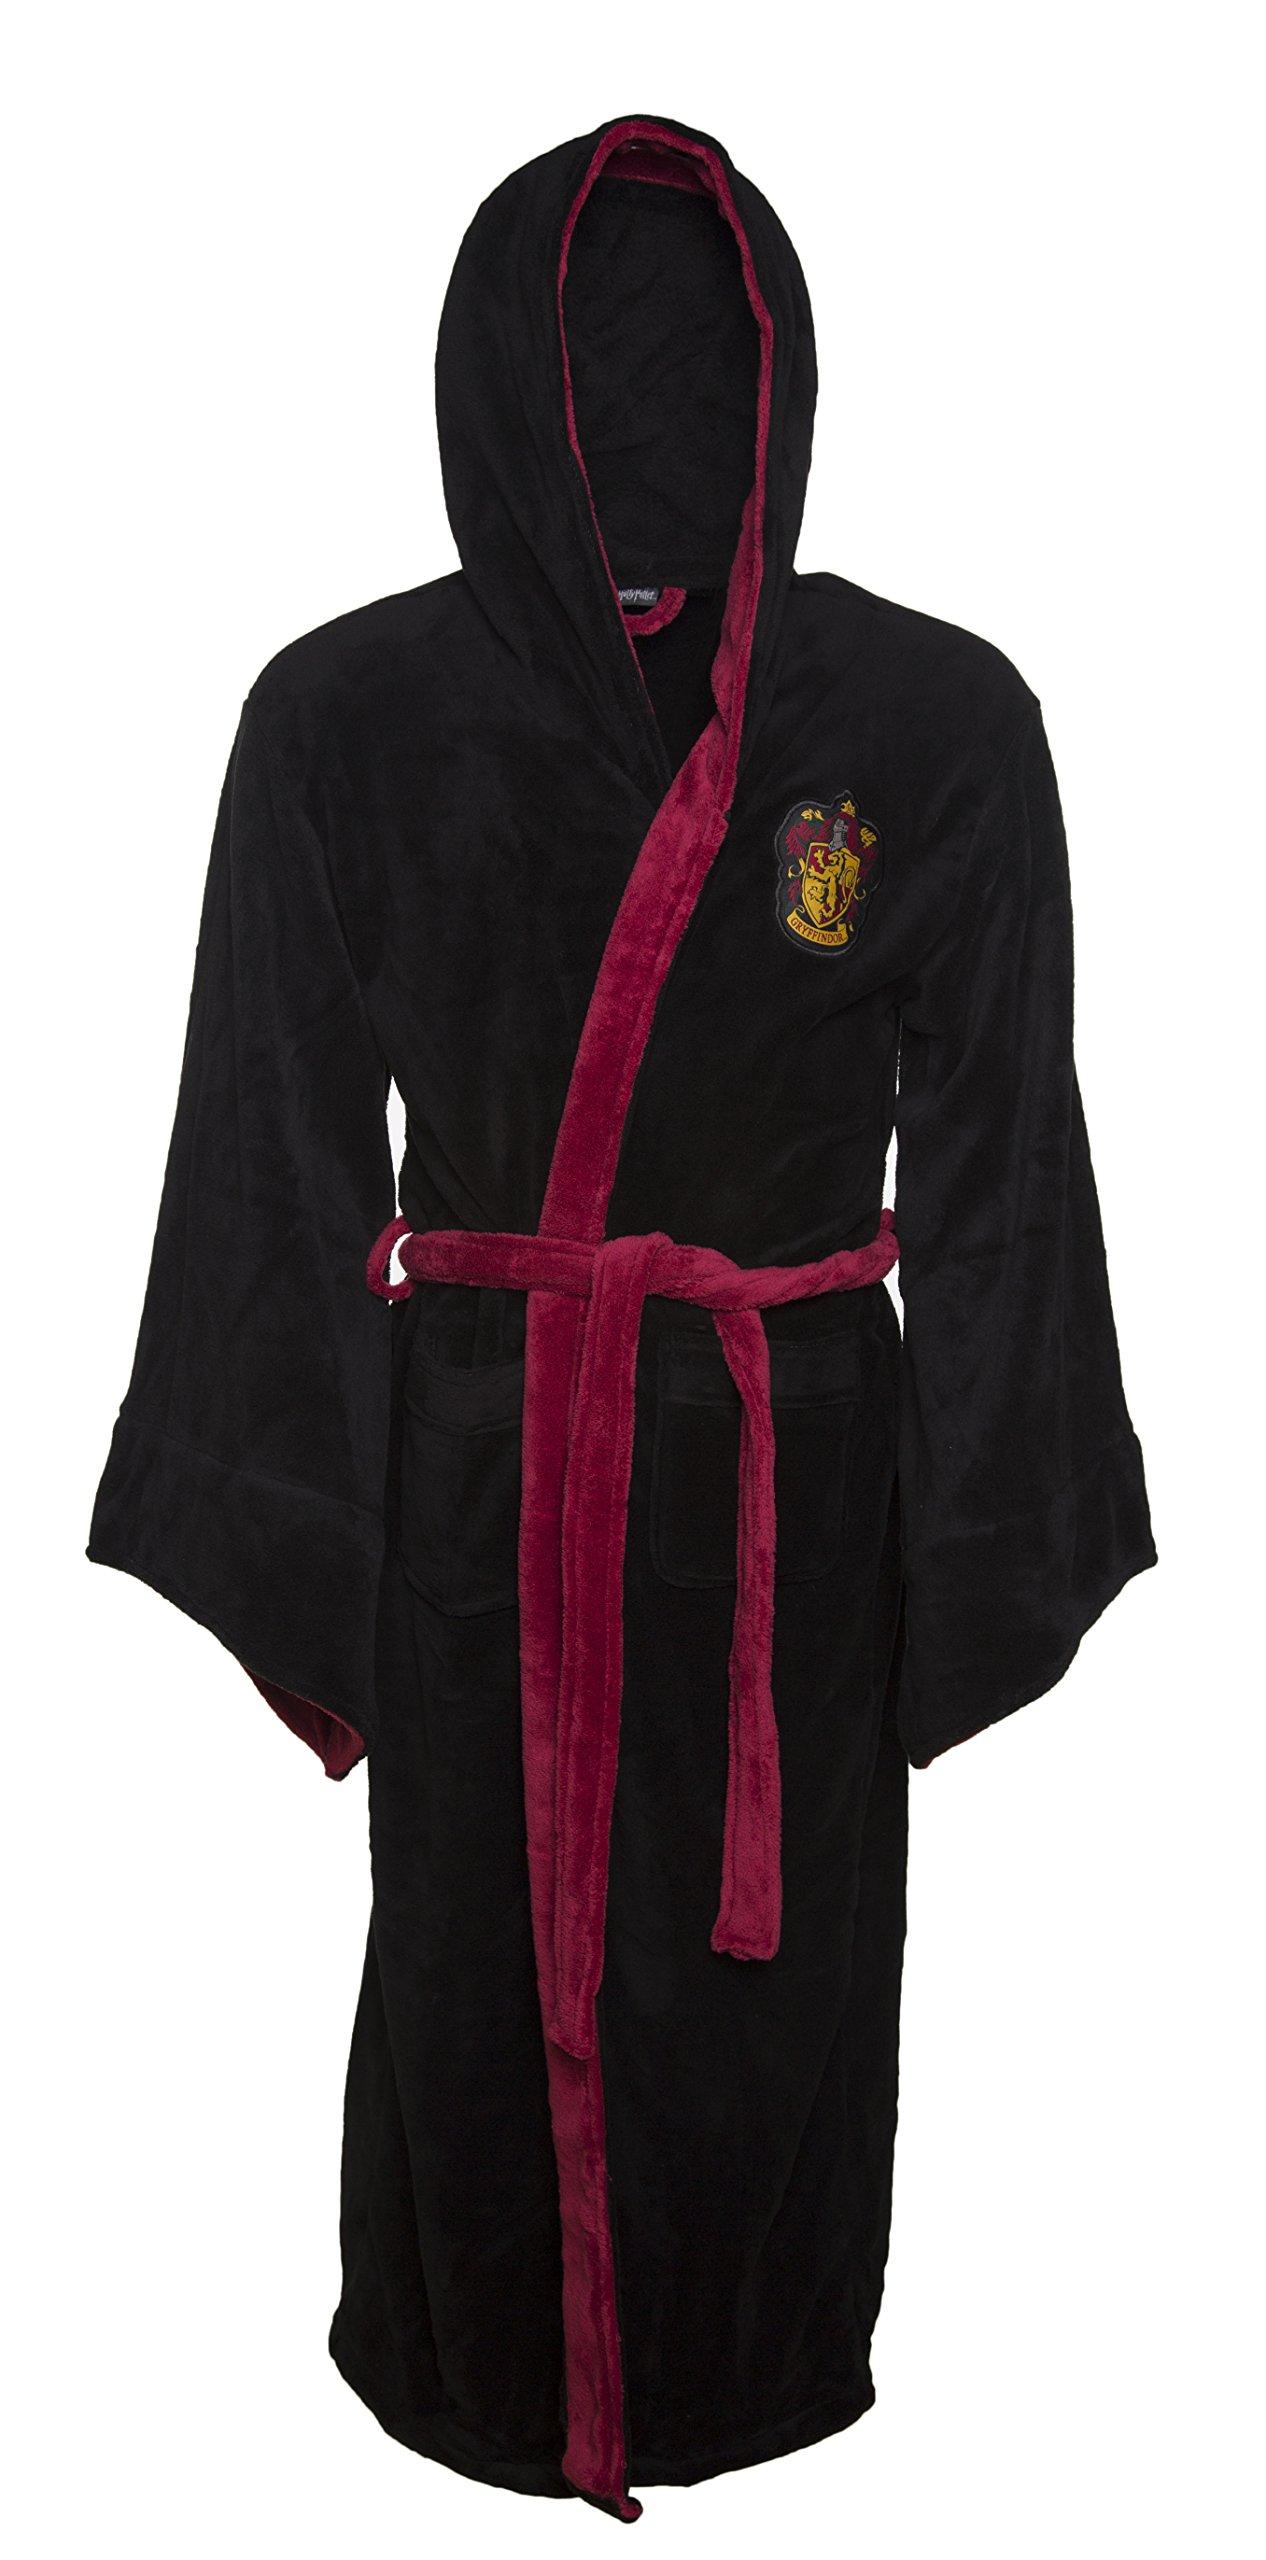 Negro Harry Potter Gryffindor cresta de los hombres con capucha bata product image